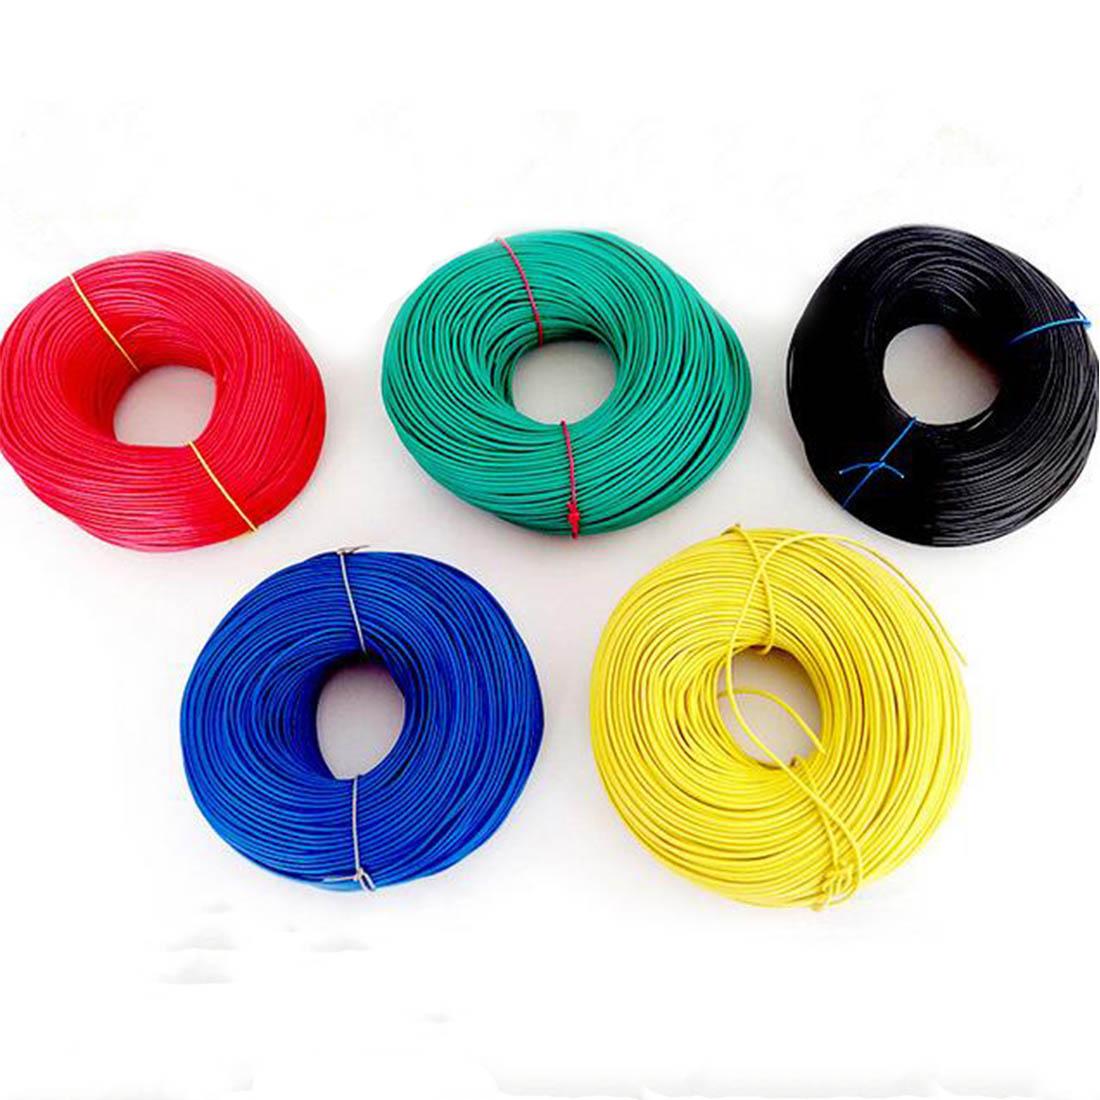 VENSTPOW 10 metros/lote 17AWG RV cable 1,0mm cable Flexible trenzado Multi-hilo equipo eléctrico núcleo de cobre PVC alambre DIY